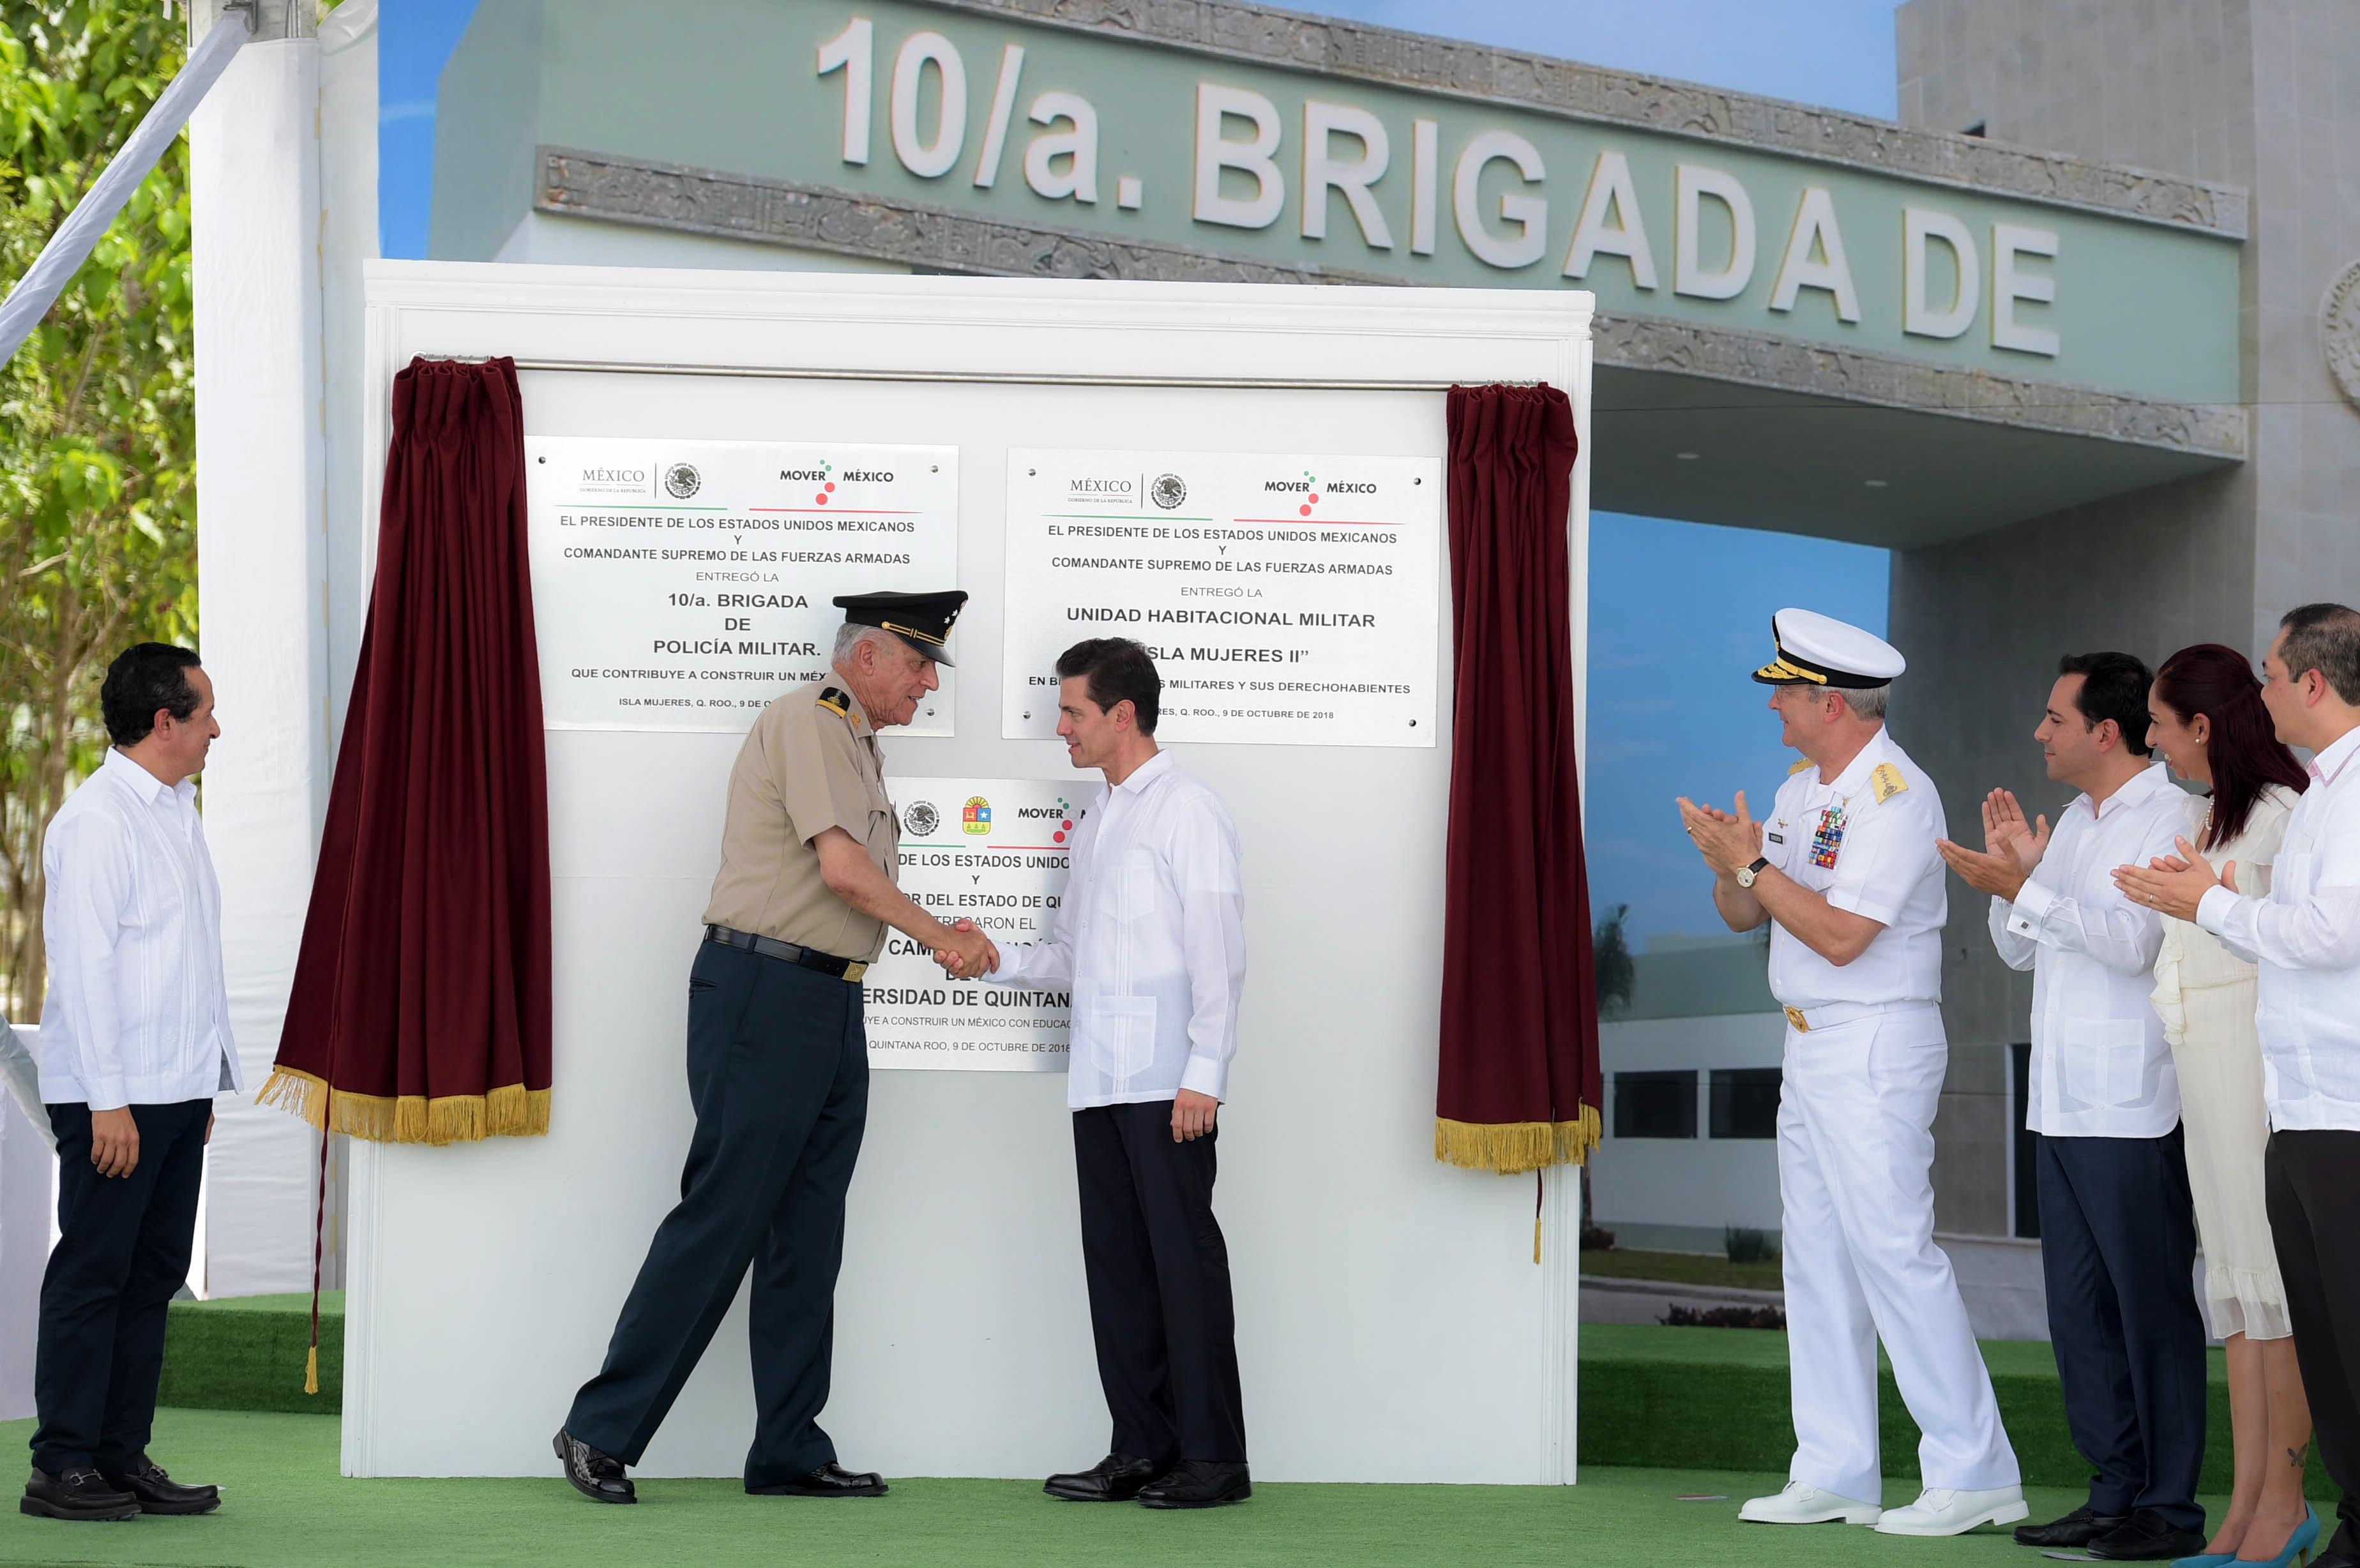 El Presidente de la República, Enrique Peña Nieto, inauguró hoy la 10ª Brigada de Policía Militar y su Unidad Habitacional, así como el Campus Cancún de la Universidad de Quintana Roo.